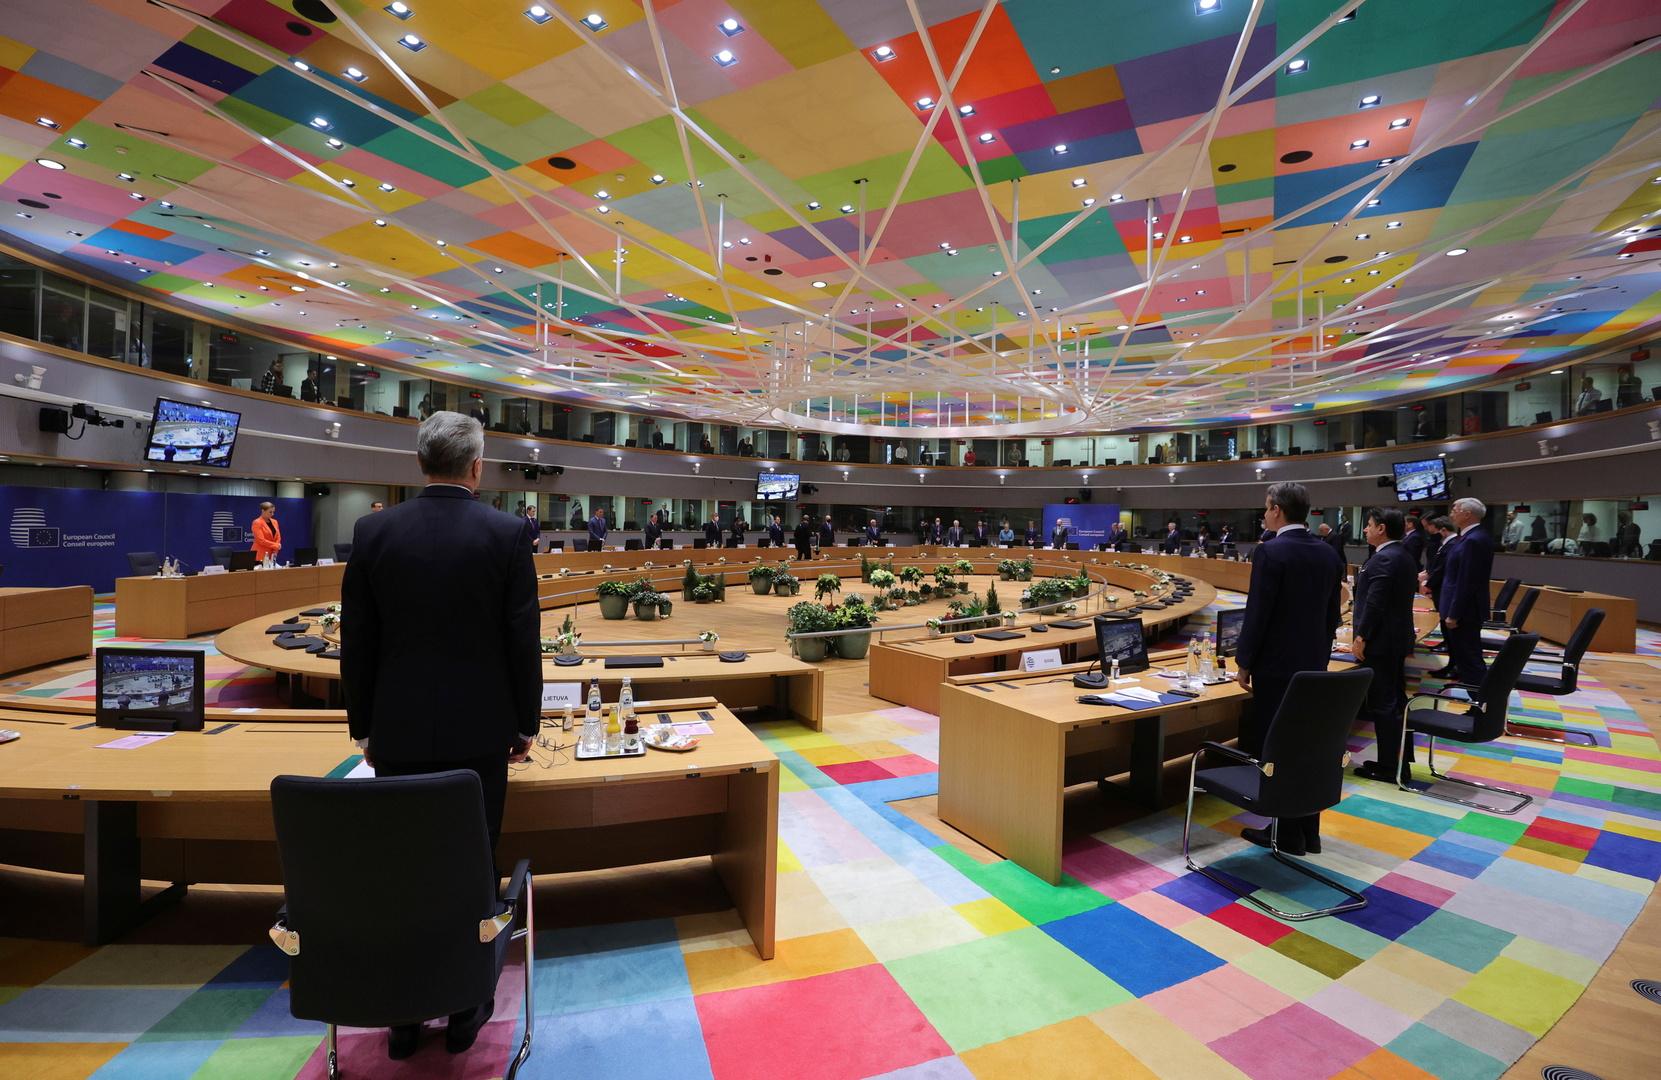 مسؤولون: منطقة اليورو بصدد خفض الدعم الاقتصادي